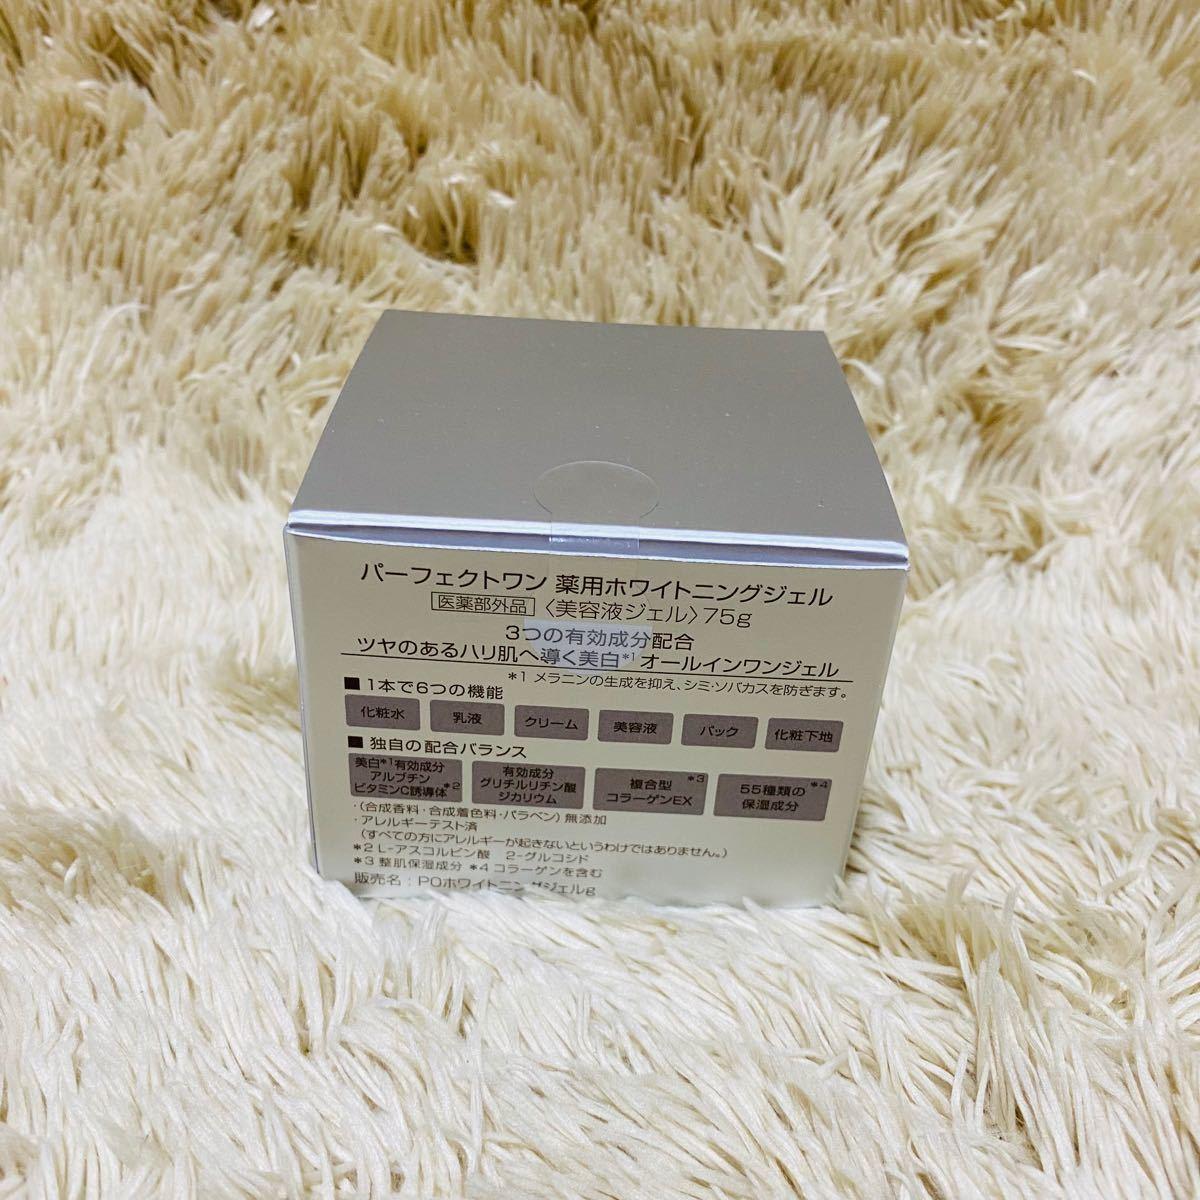 パーフェクトワン薬用ホワイトニングジェル75gとモイスチャージェル75g セット